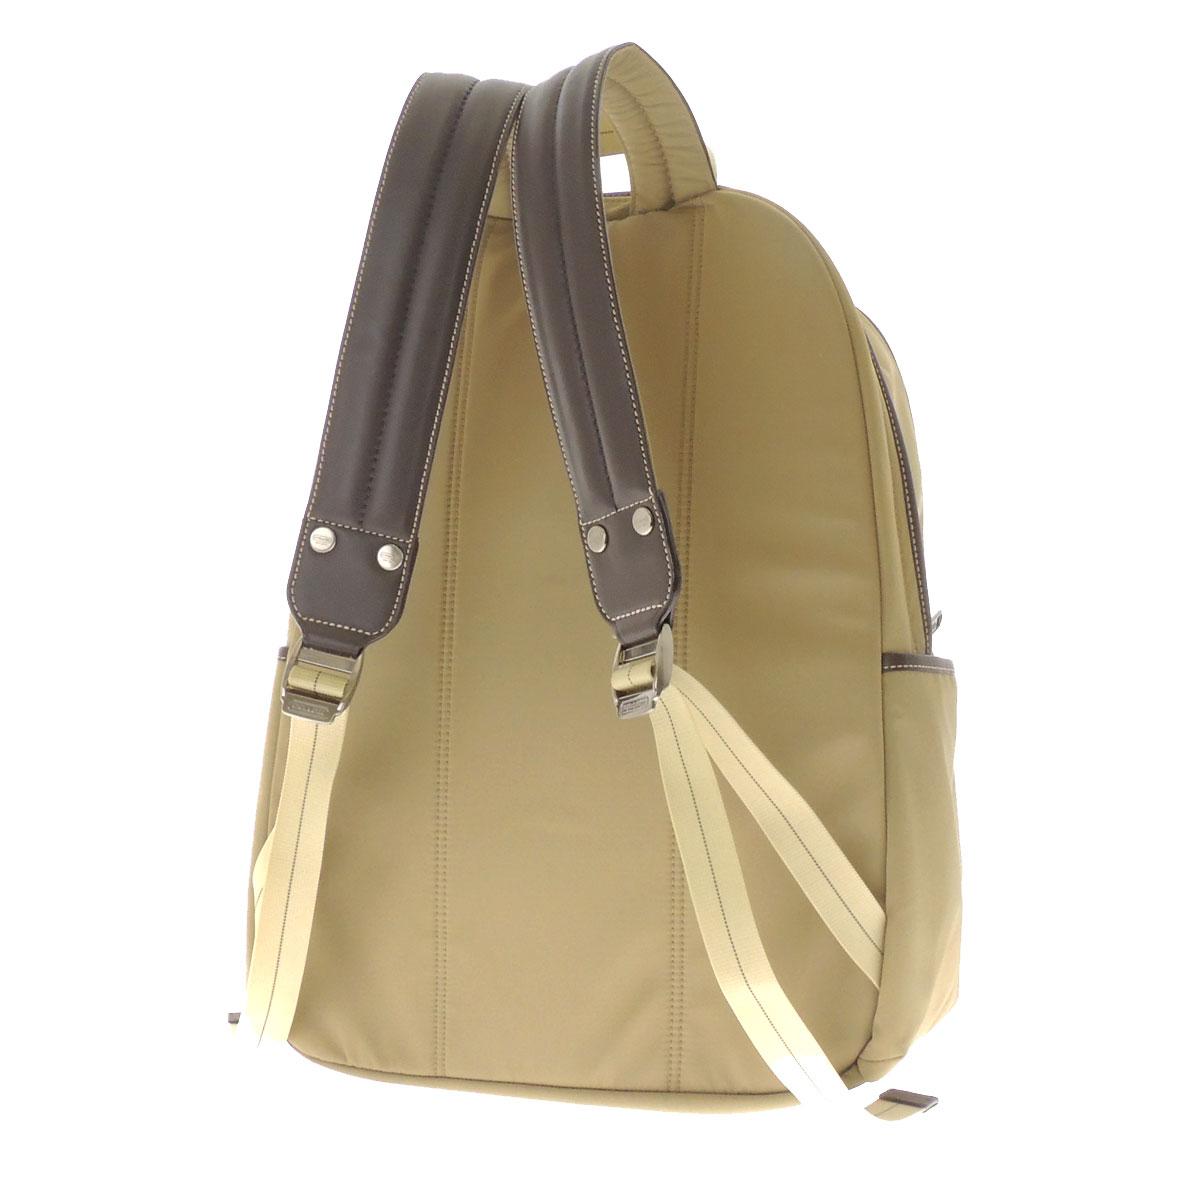 附带COACH标识铭牌的F70369帆布背包·日包尼龙×皮革男女两用